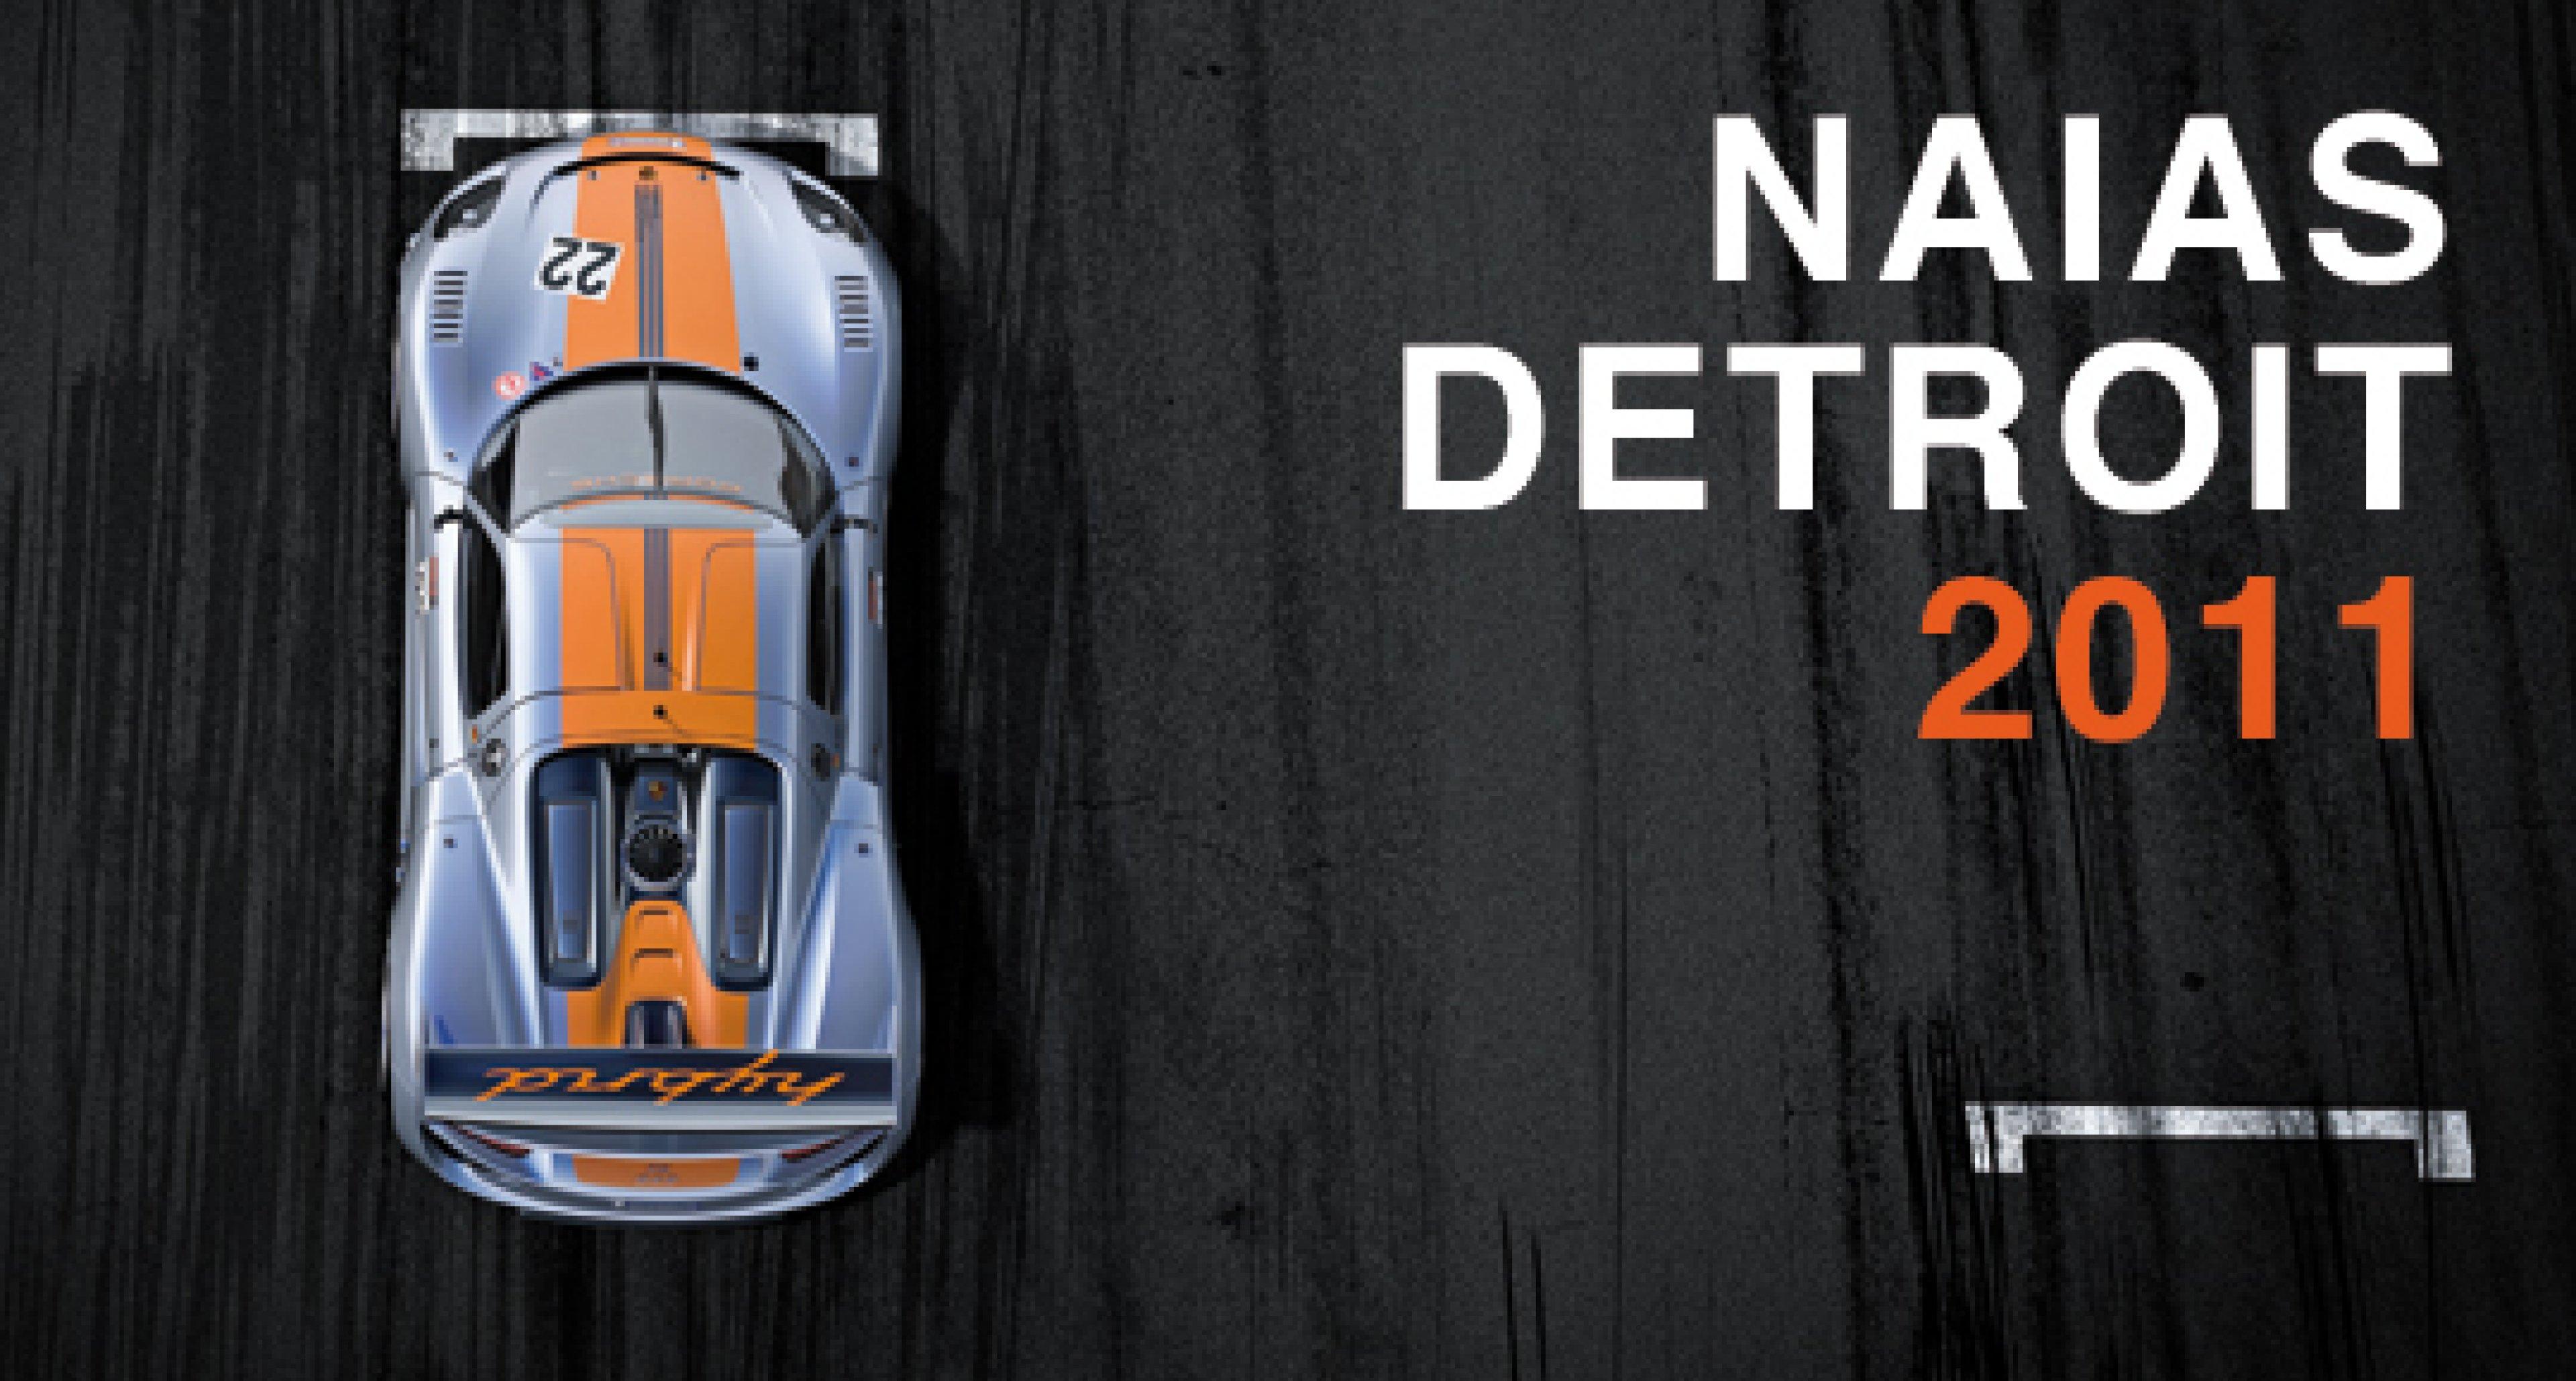 NAIAS Detroit 2011: Premieren im Überblick